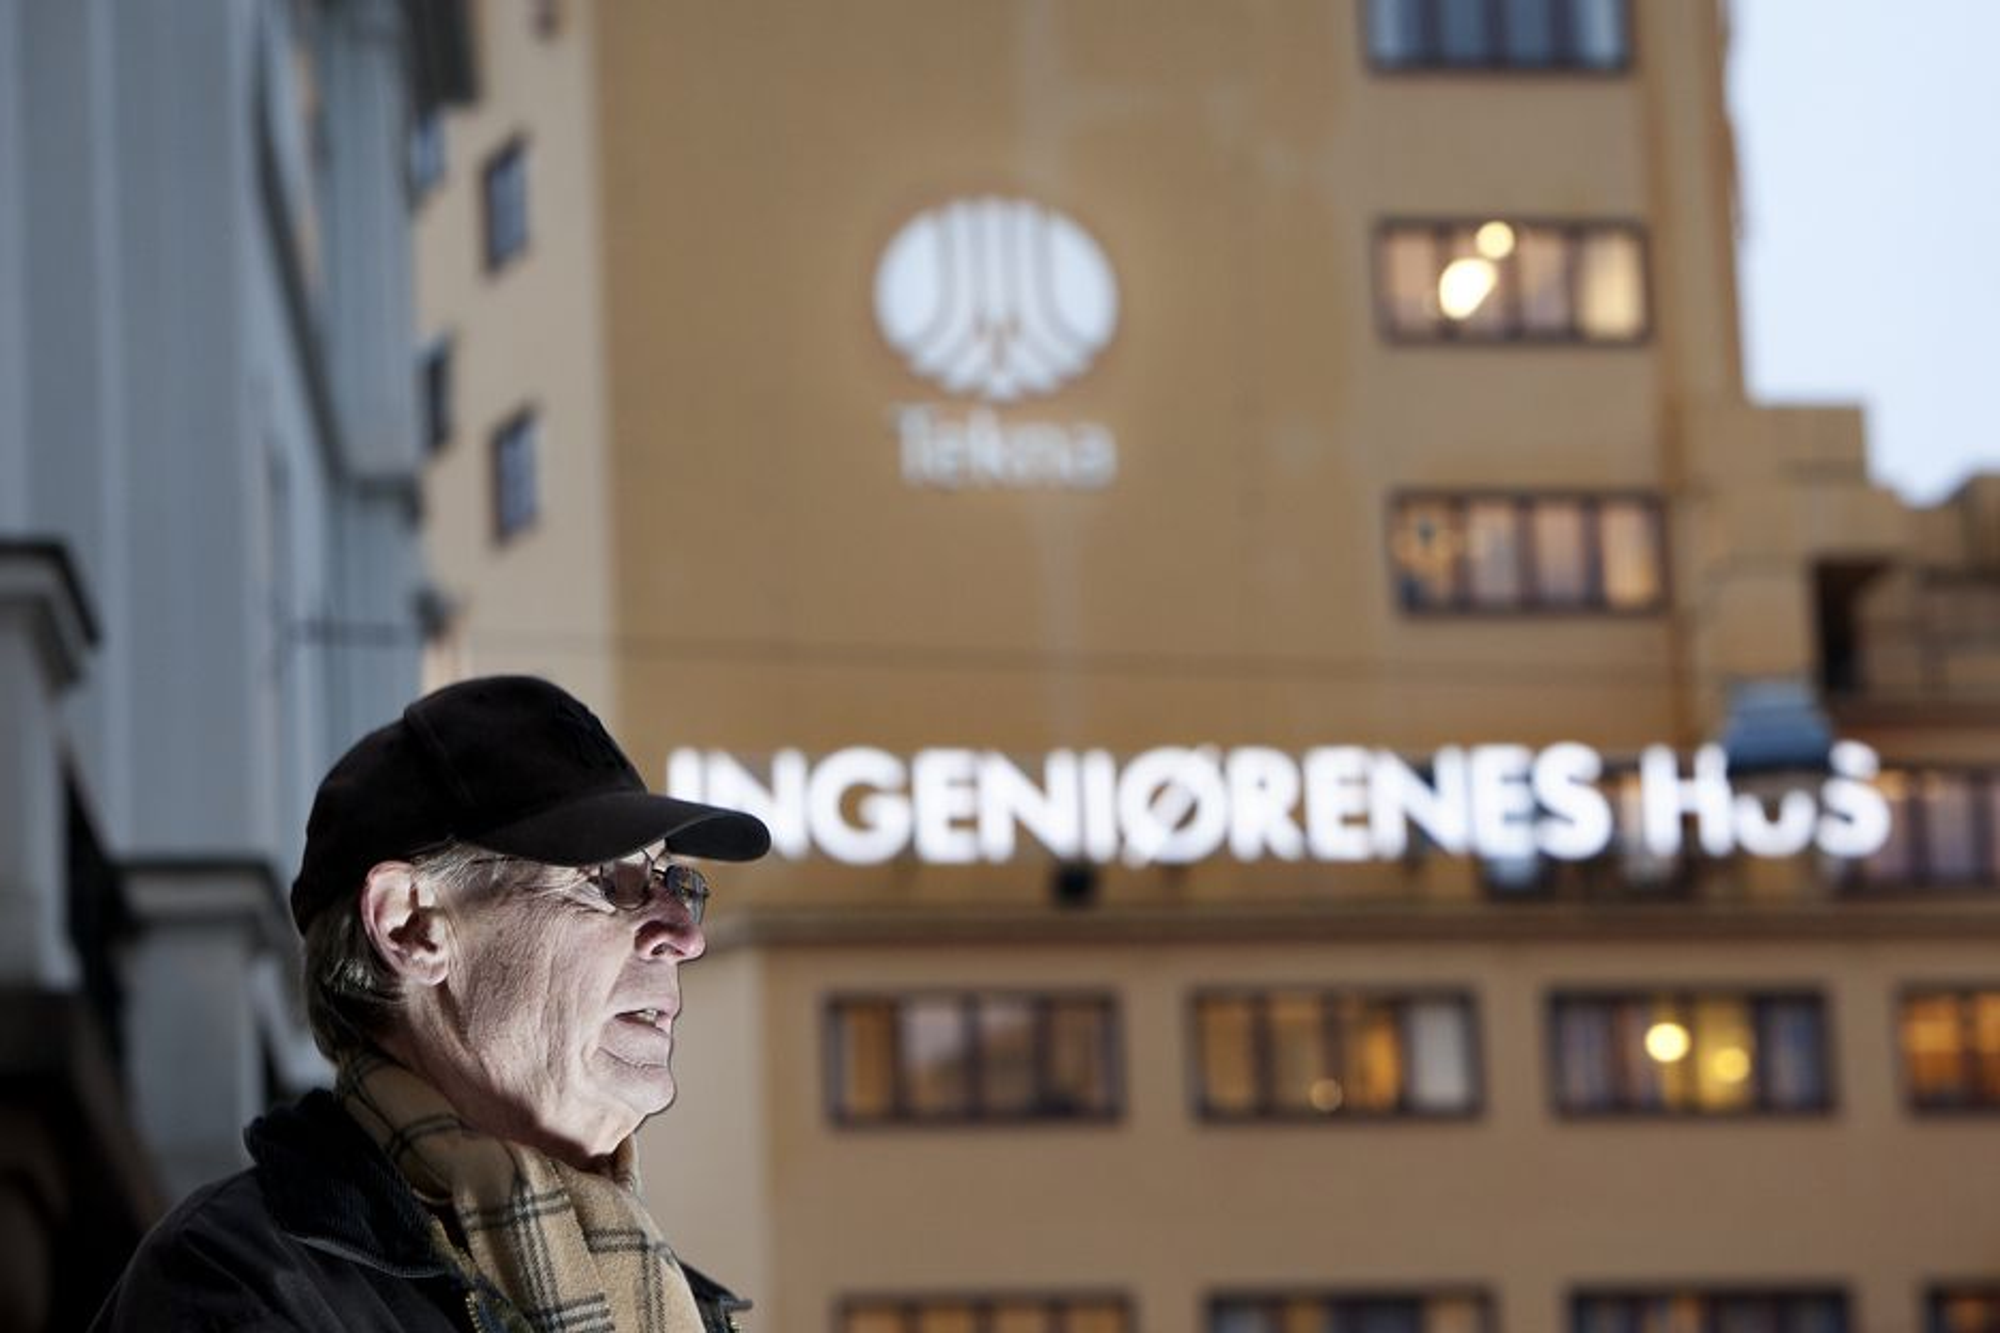 PROTESTERER:  Jon Sverre Svendsen er opprørt over det han oppfatter som billigsalg av Ingeniørenes hus uten at medlemmene i Tekna har fått tilstrekkelig informasjon.